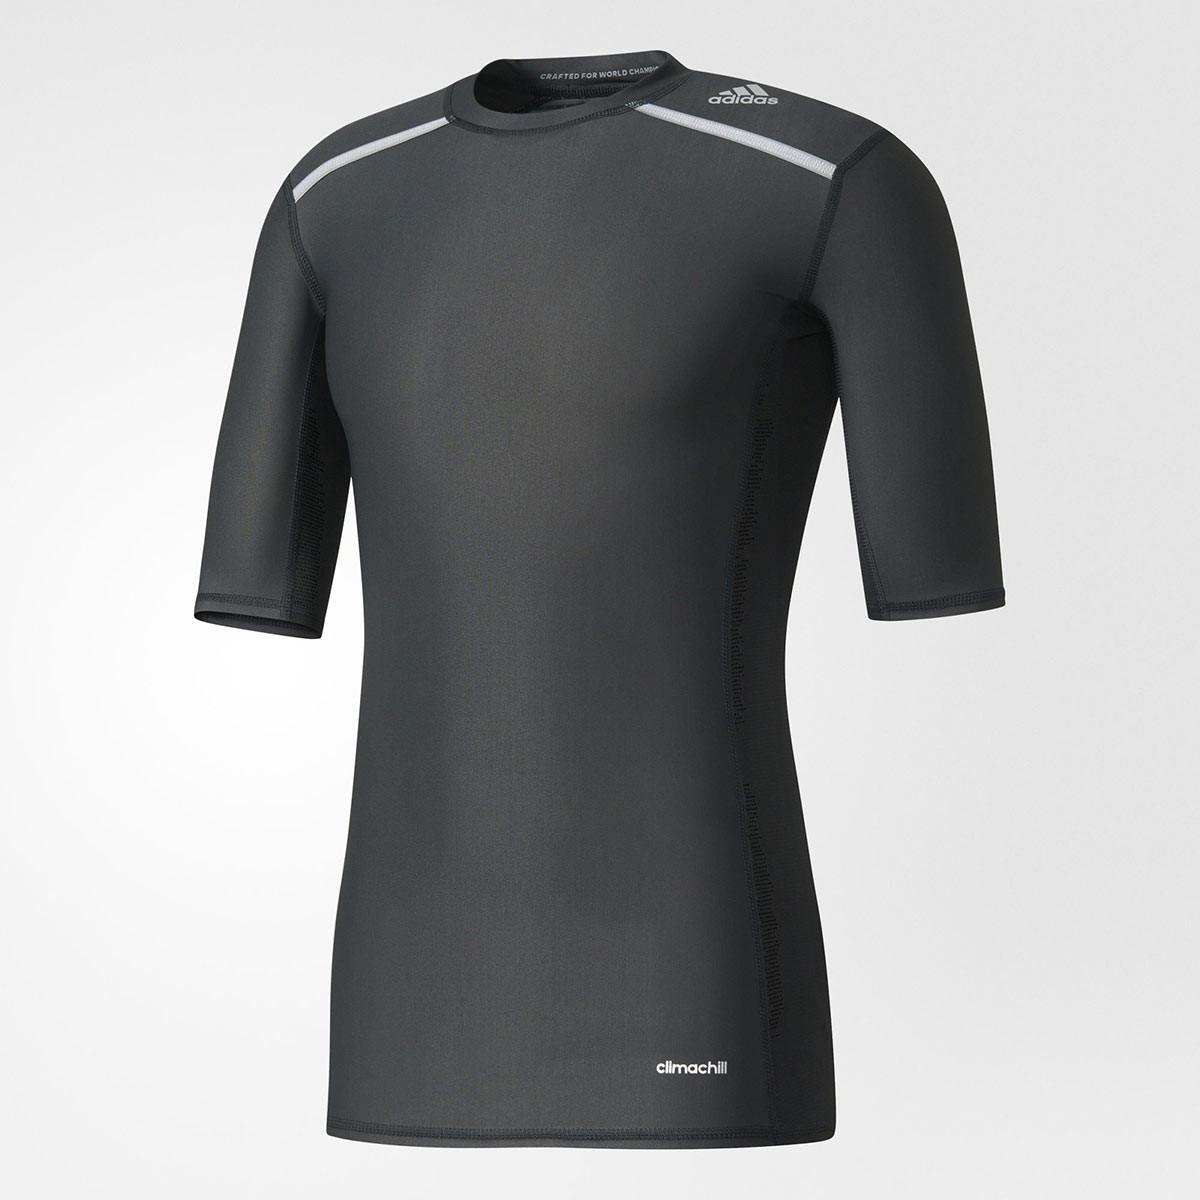 adidas Techfit Chill Short Sleeve Tee - Laufshirts für Herren - Schwarz |  21RUN